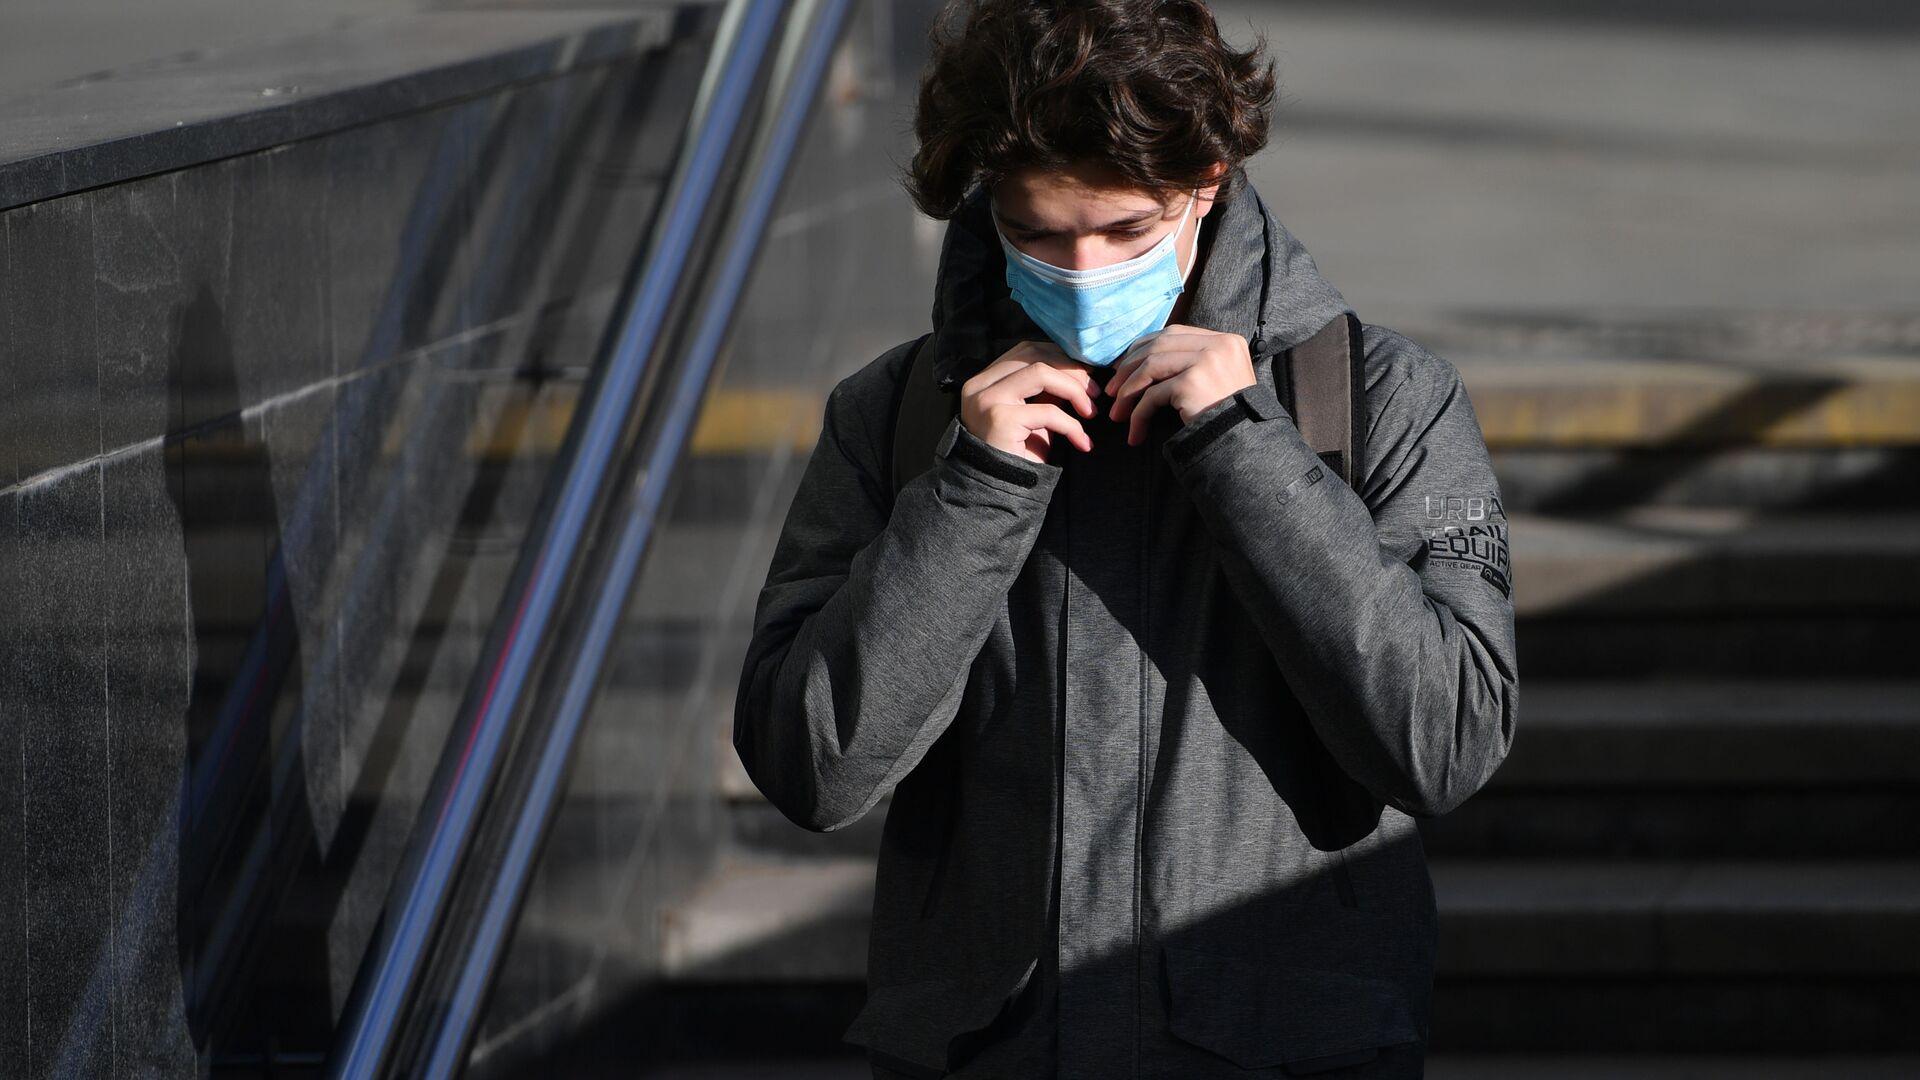 Coronavirus in Russia -un ragazzo in maschera protettiva sulla strada a Mosca - Sputnik Italia, 1920, 18.05.2021